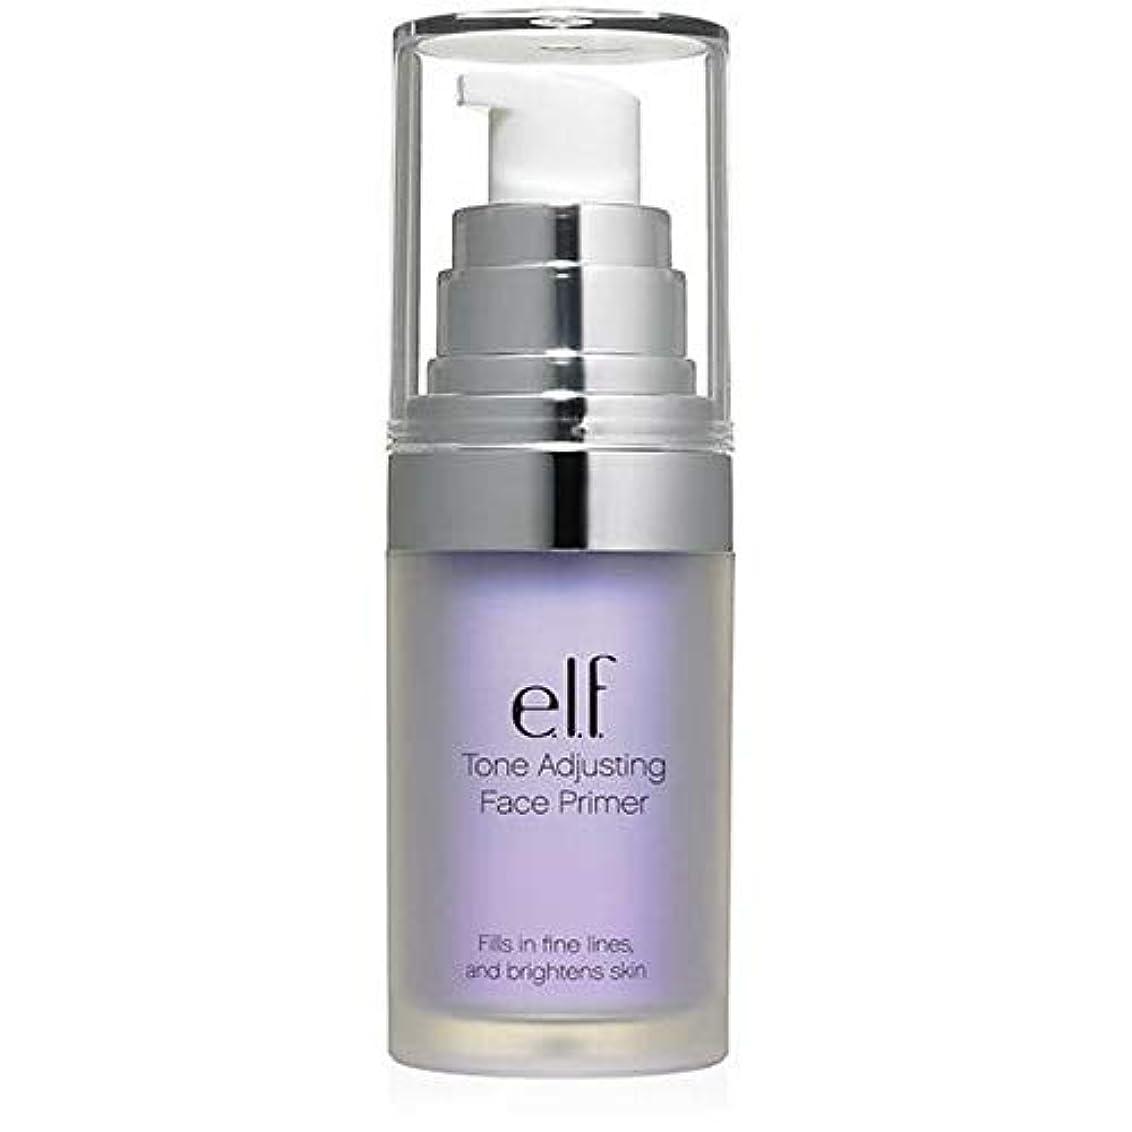 宣伝あなたは愛情深い[Elf ] エルフ。ラベンダー403を明るくトーン調整顔プライマー - e.l.f. Tone Adjusting Face Primer Brightening Lavender 403 [並行輸入品]